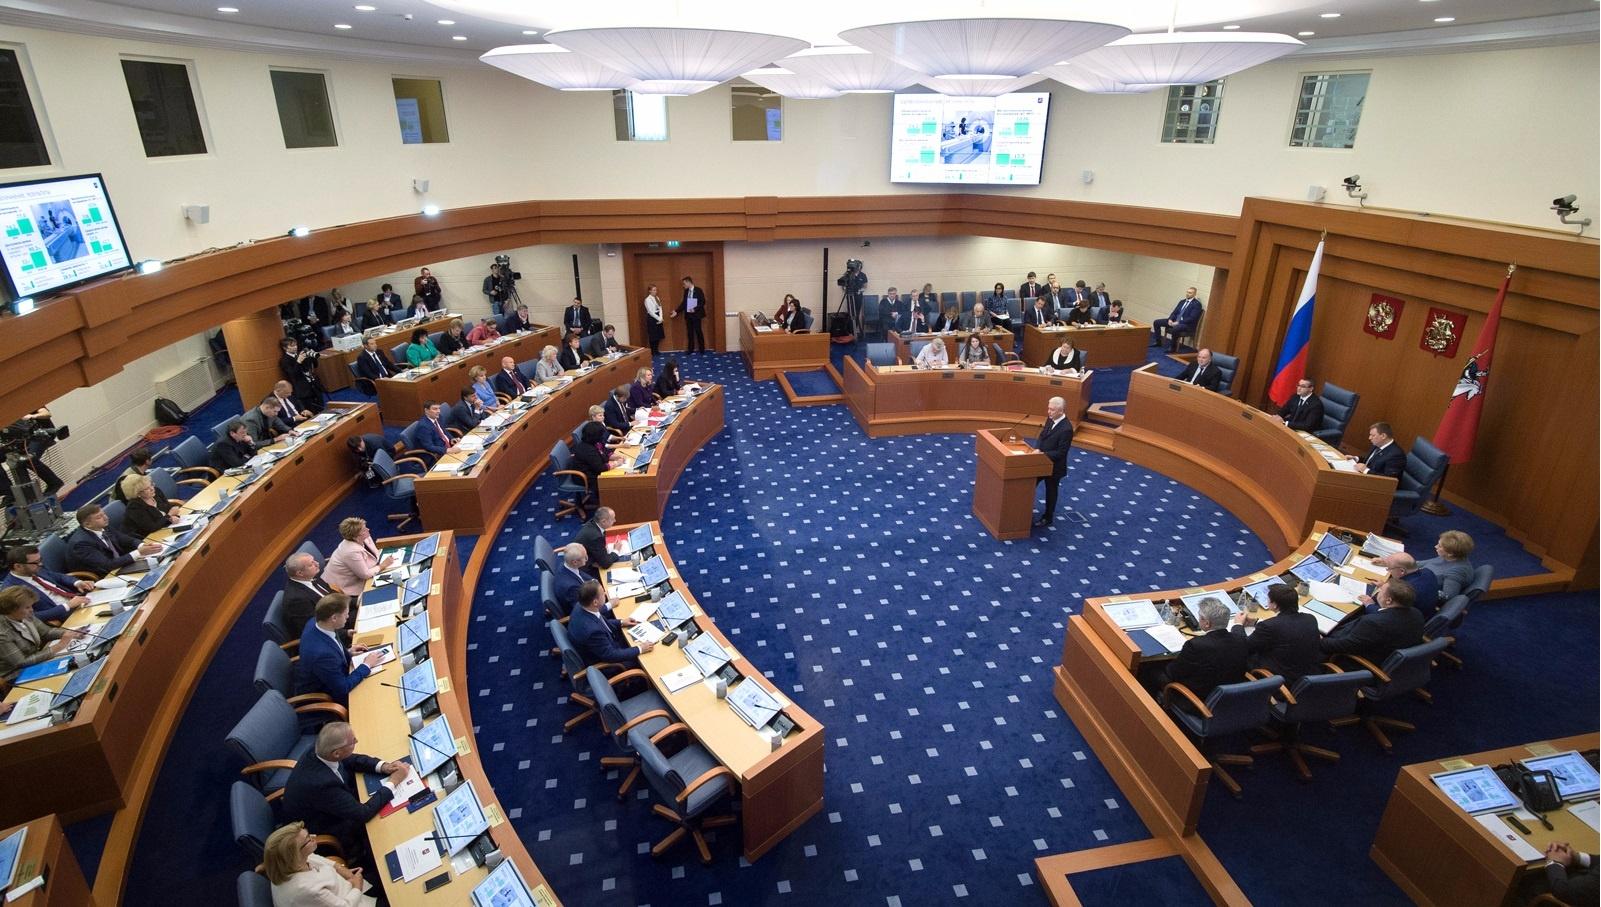 Выборы в Мосгордуму 2019: половина мандатов досталась оппозиции